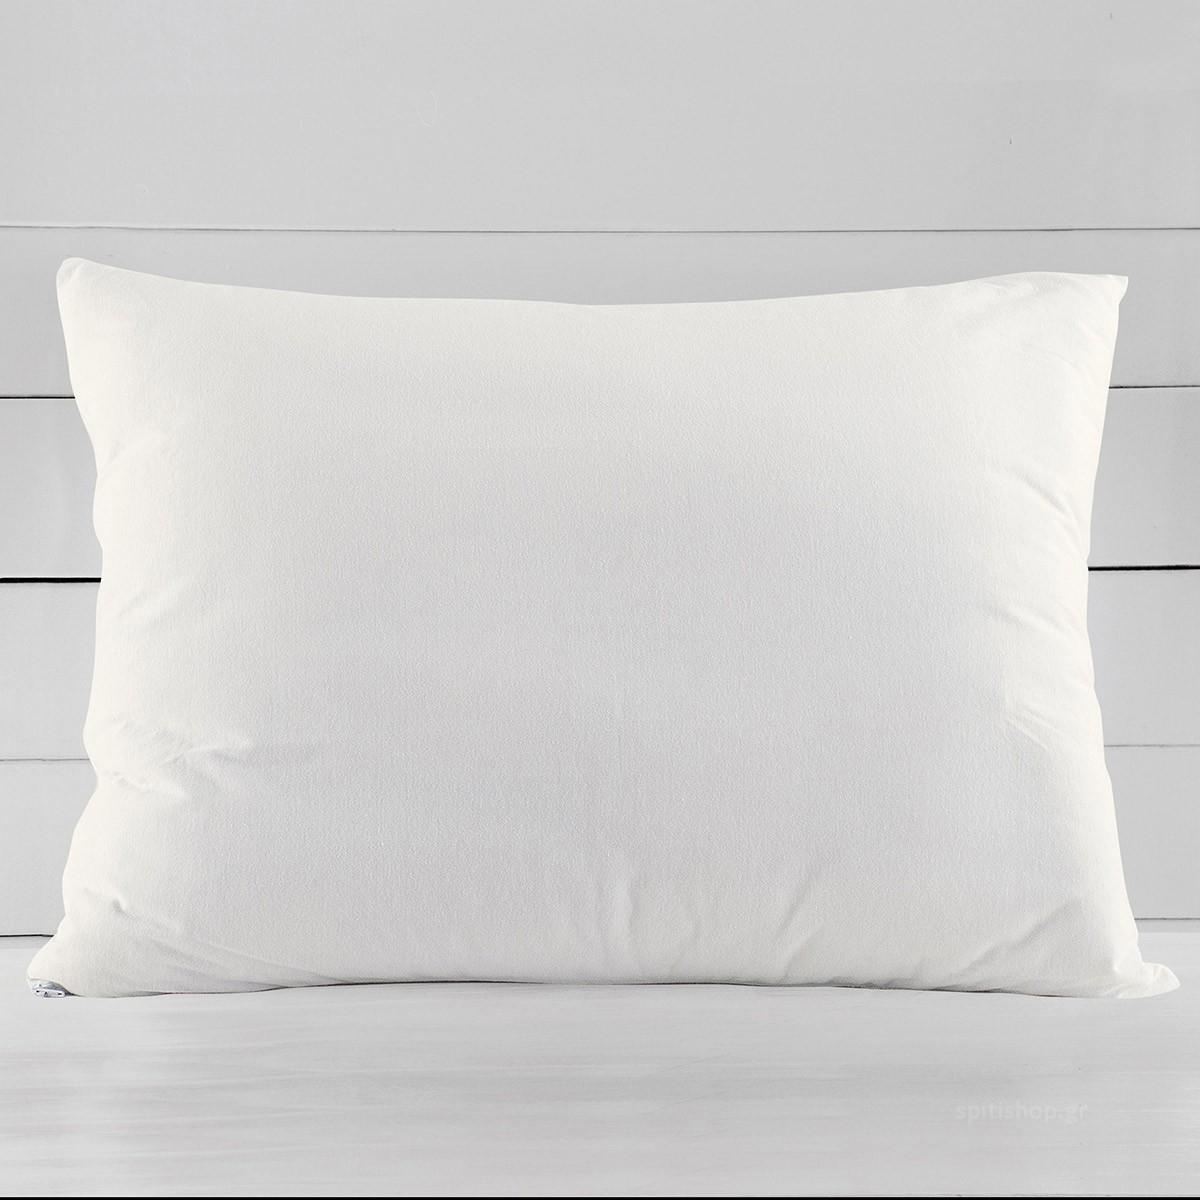 Κάλυμμα Μαξιλαριού Αδιάβροχο Rythmos Jersey home   κρεβατοκάμαρα   επιστρώματα   καλύμματα μαξιλαριών